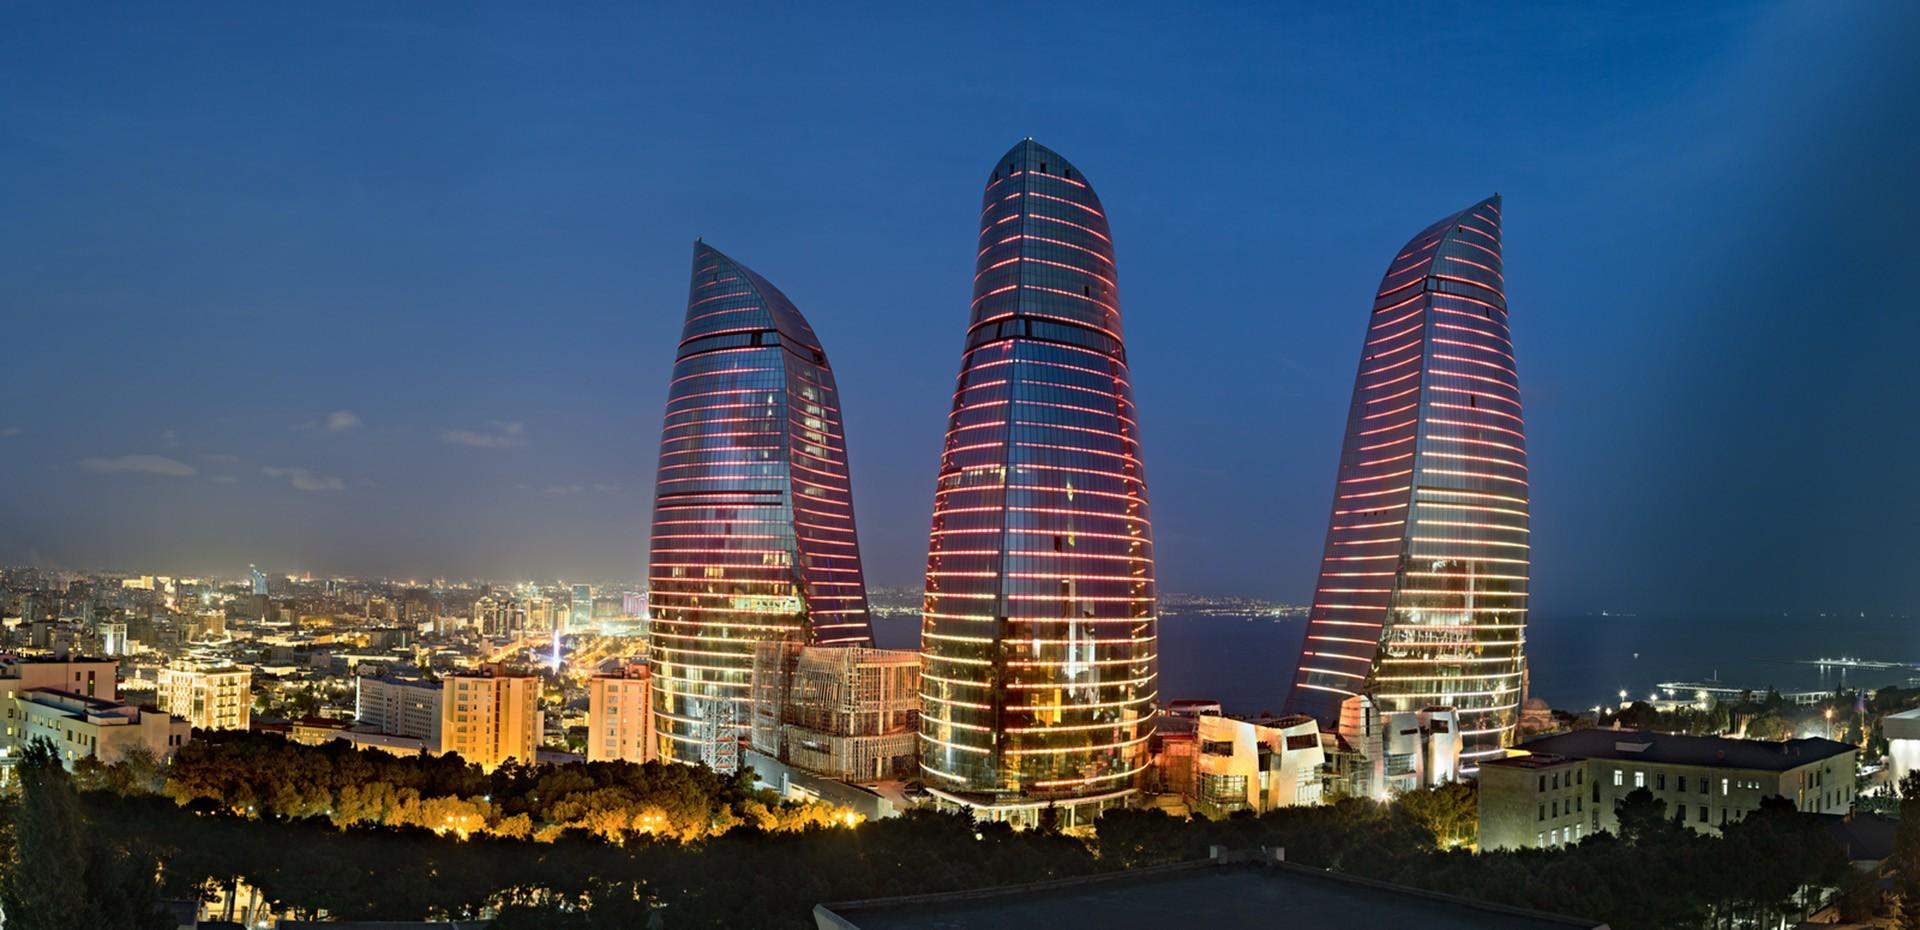 azerbaijan-baku-architecture-buildings